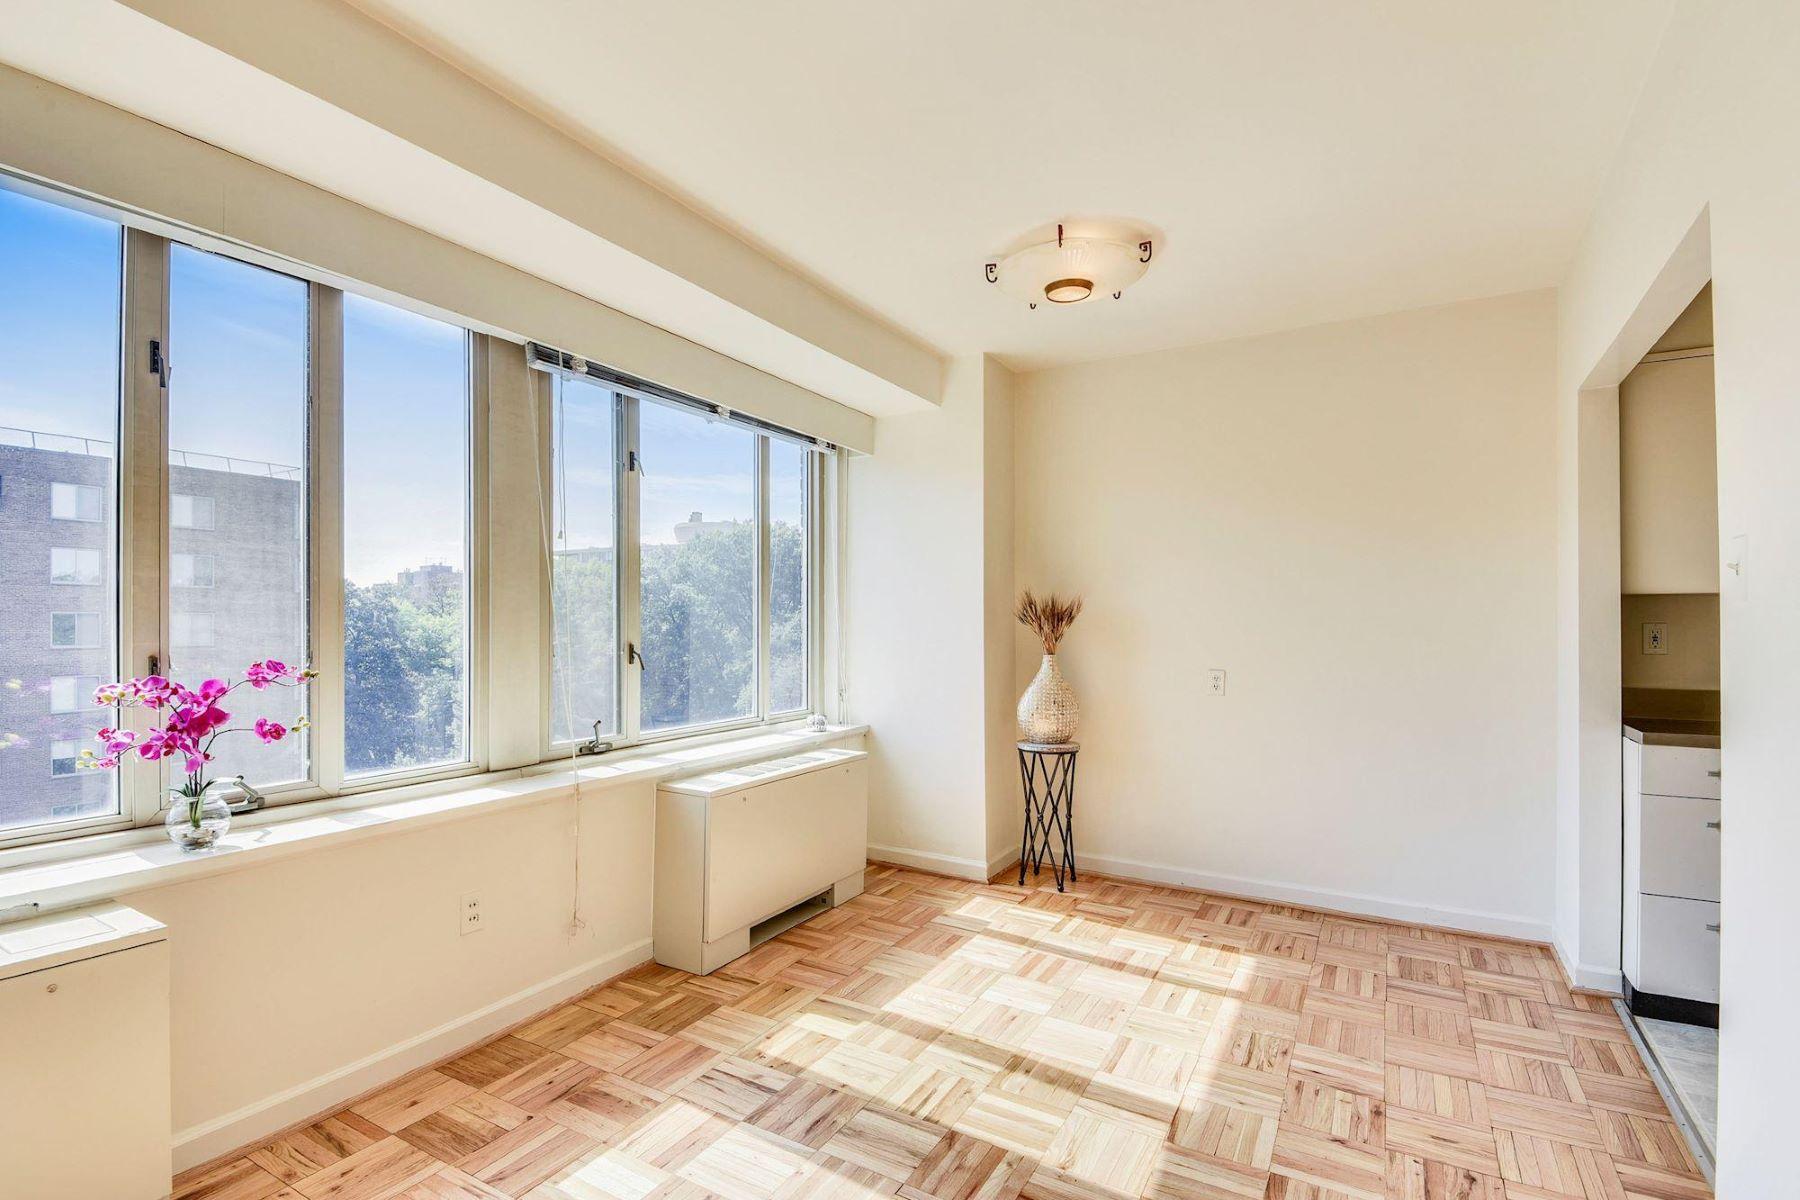 Apartamento por un Alquiler en 4301 Massachusetts Ave Nw #5009 4301 Massachusetts Ave Nw #5009 Washington, Distrito De Columbia 20016 Estados Unidos